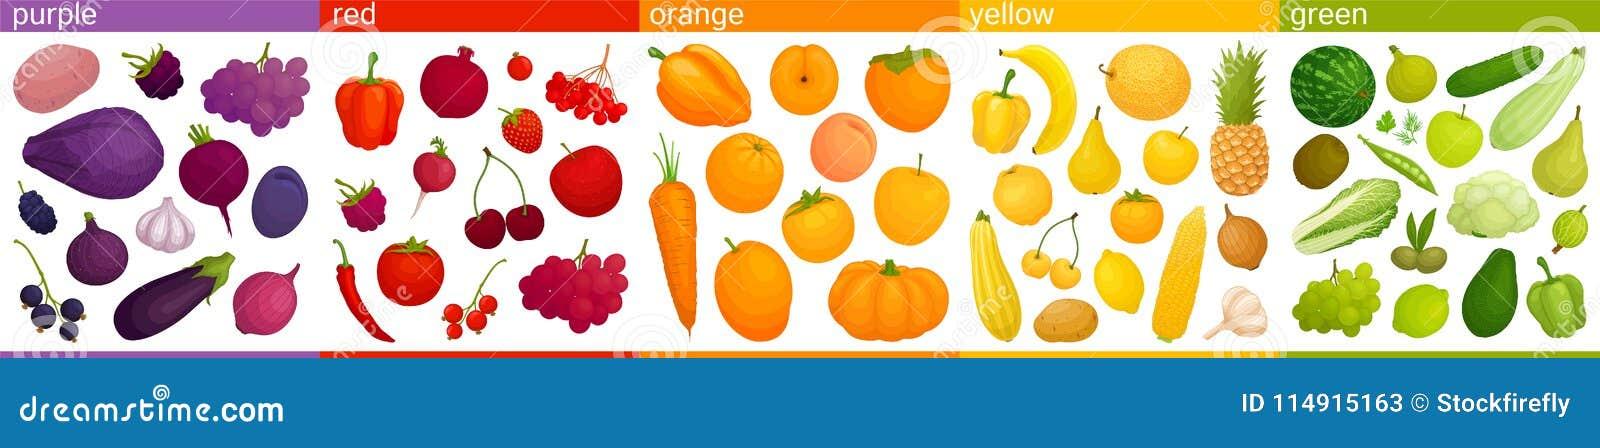 Еда вектора красочная Соединяют овощи и плоды в группах согласно цвету